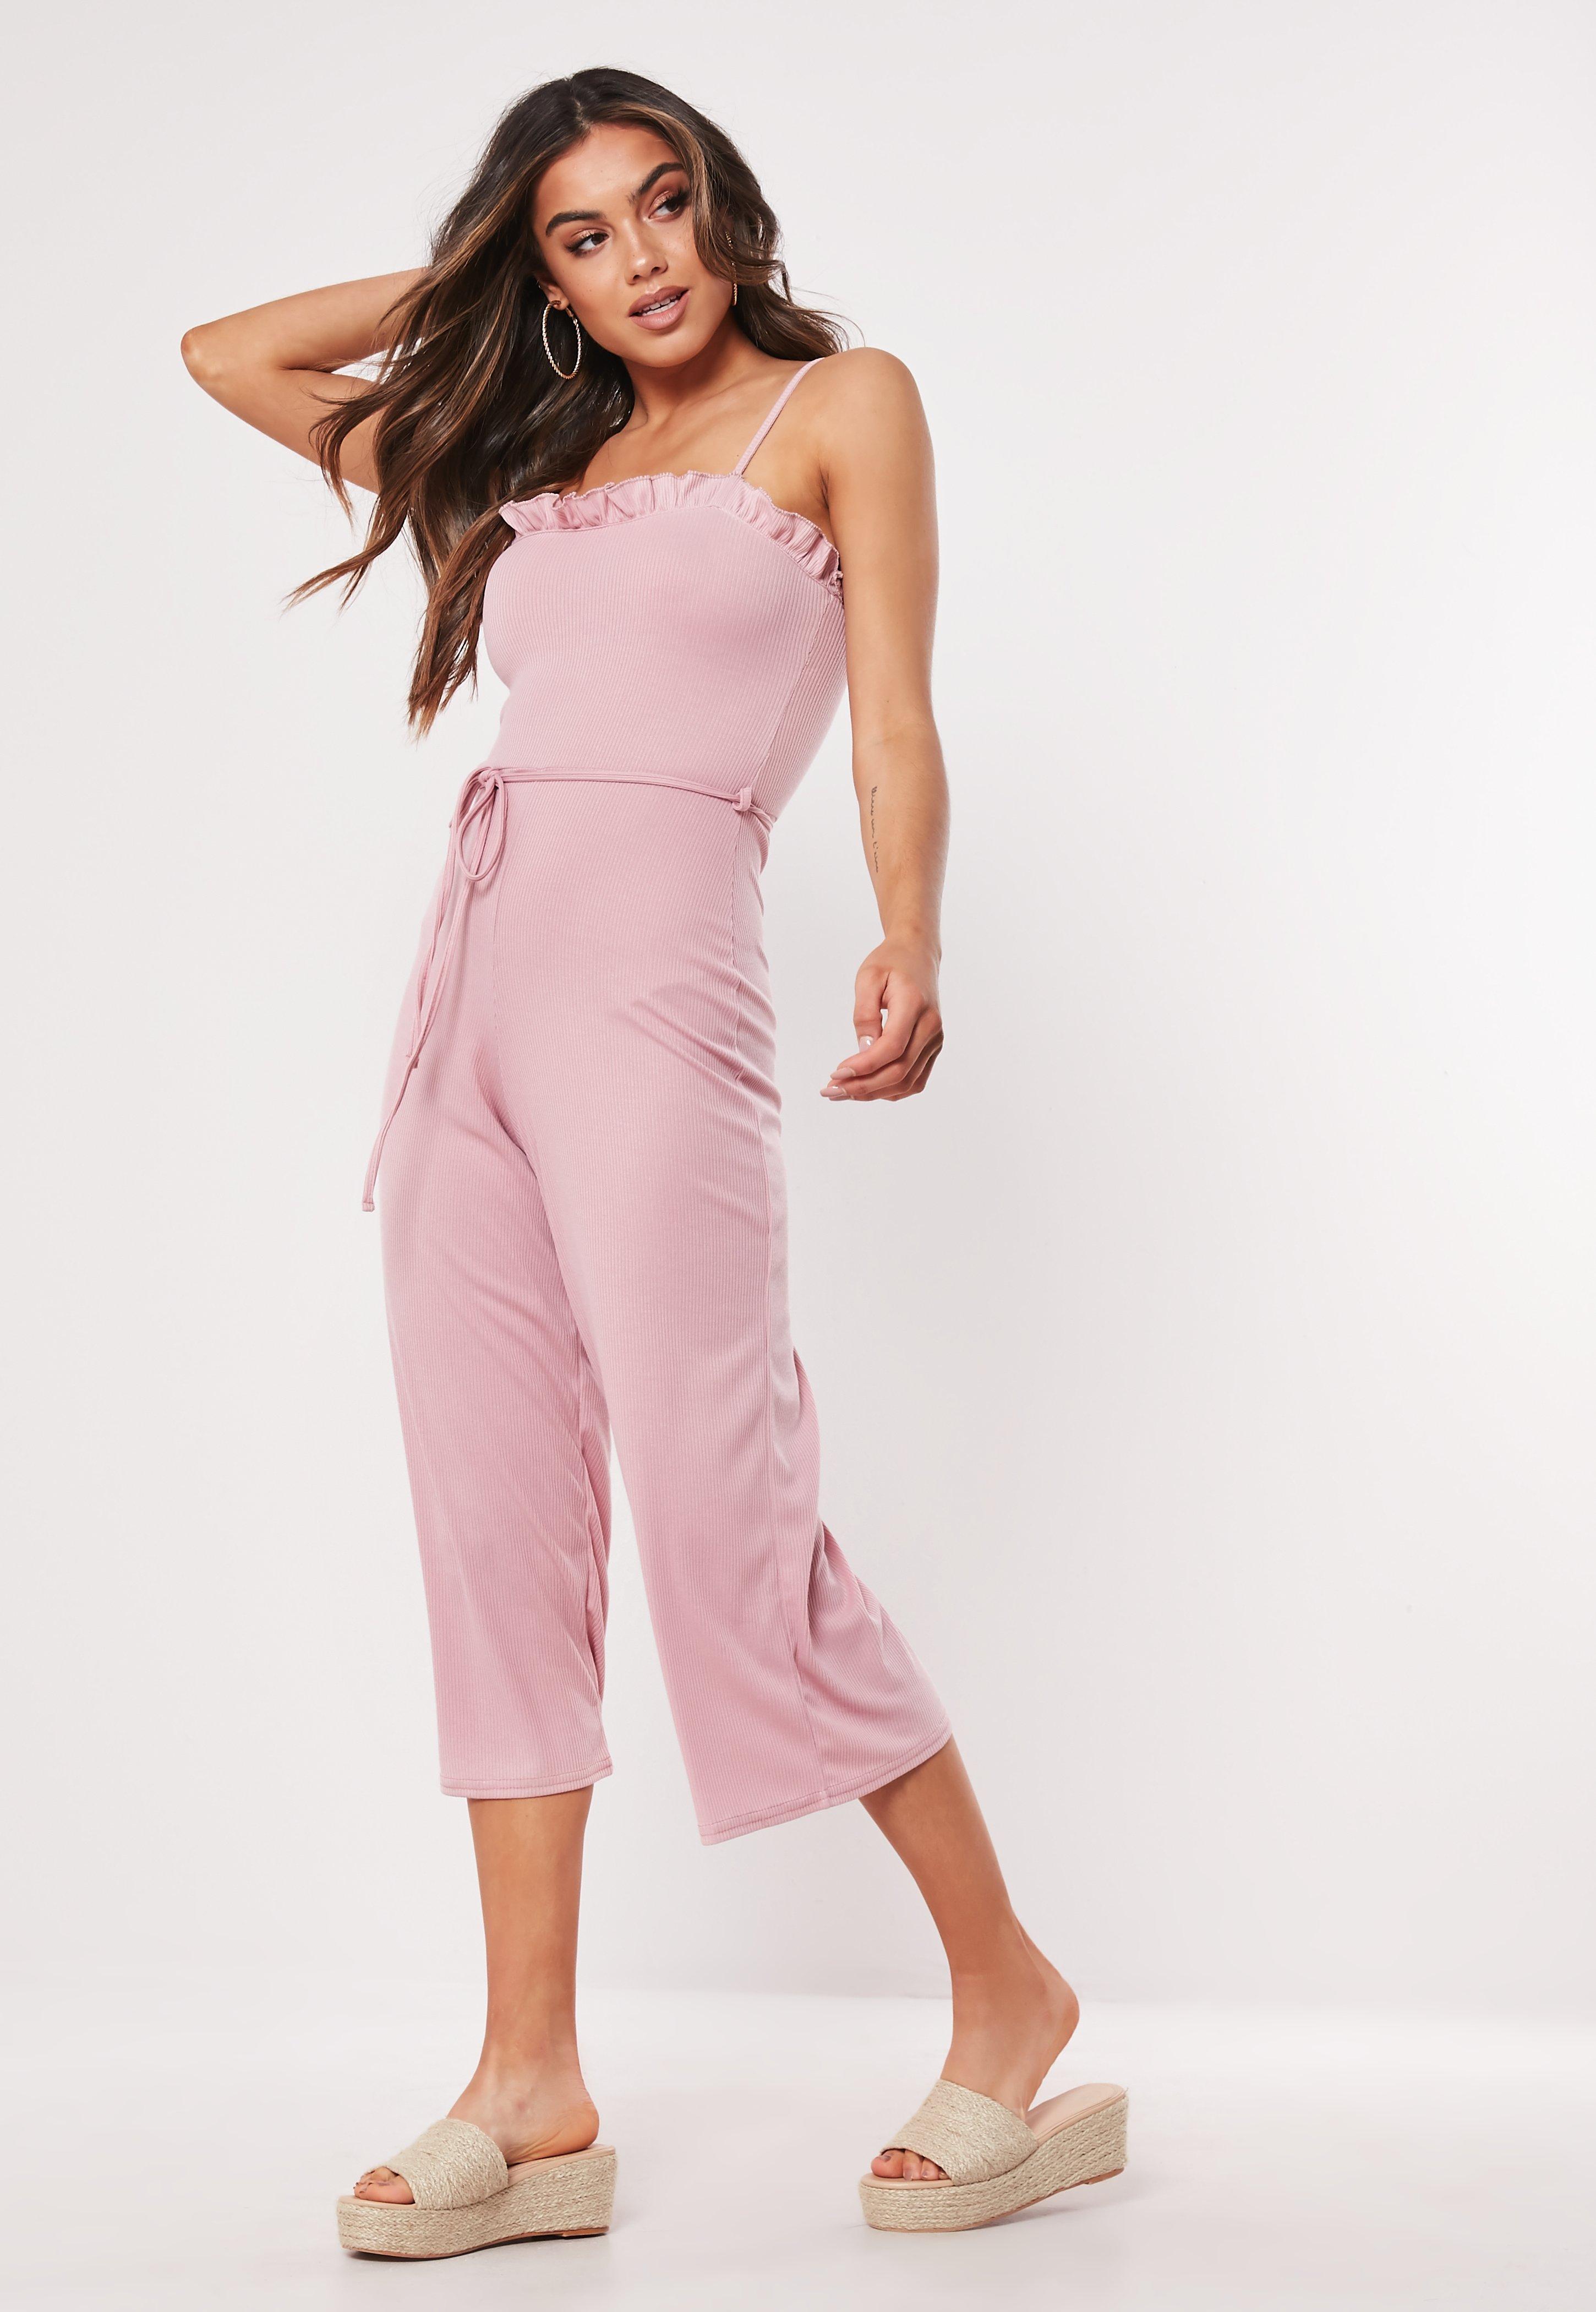 99dae282617 Culotte Jumpsuits